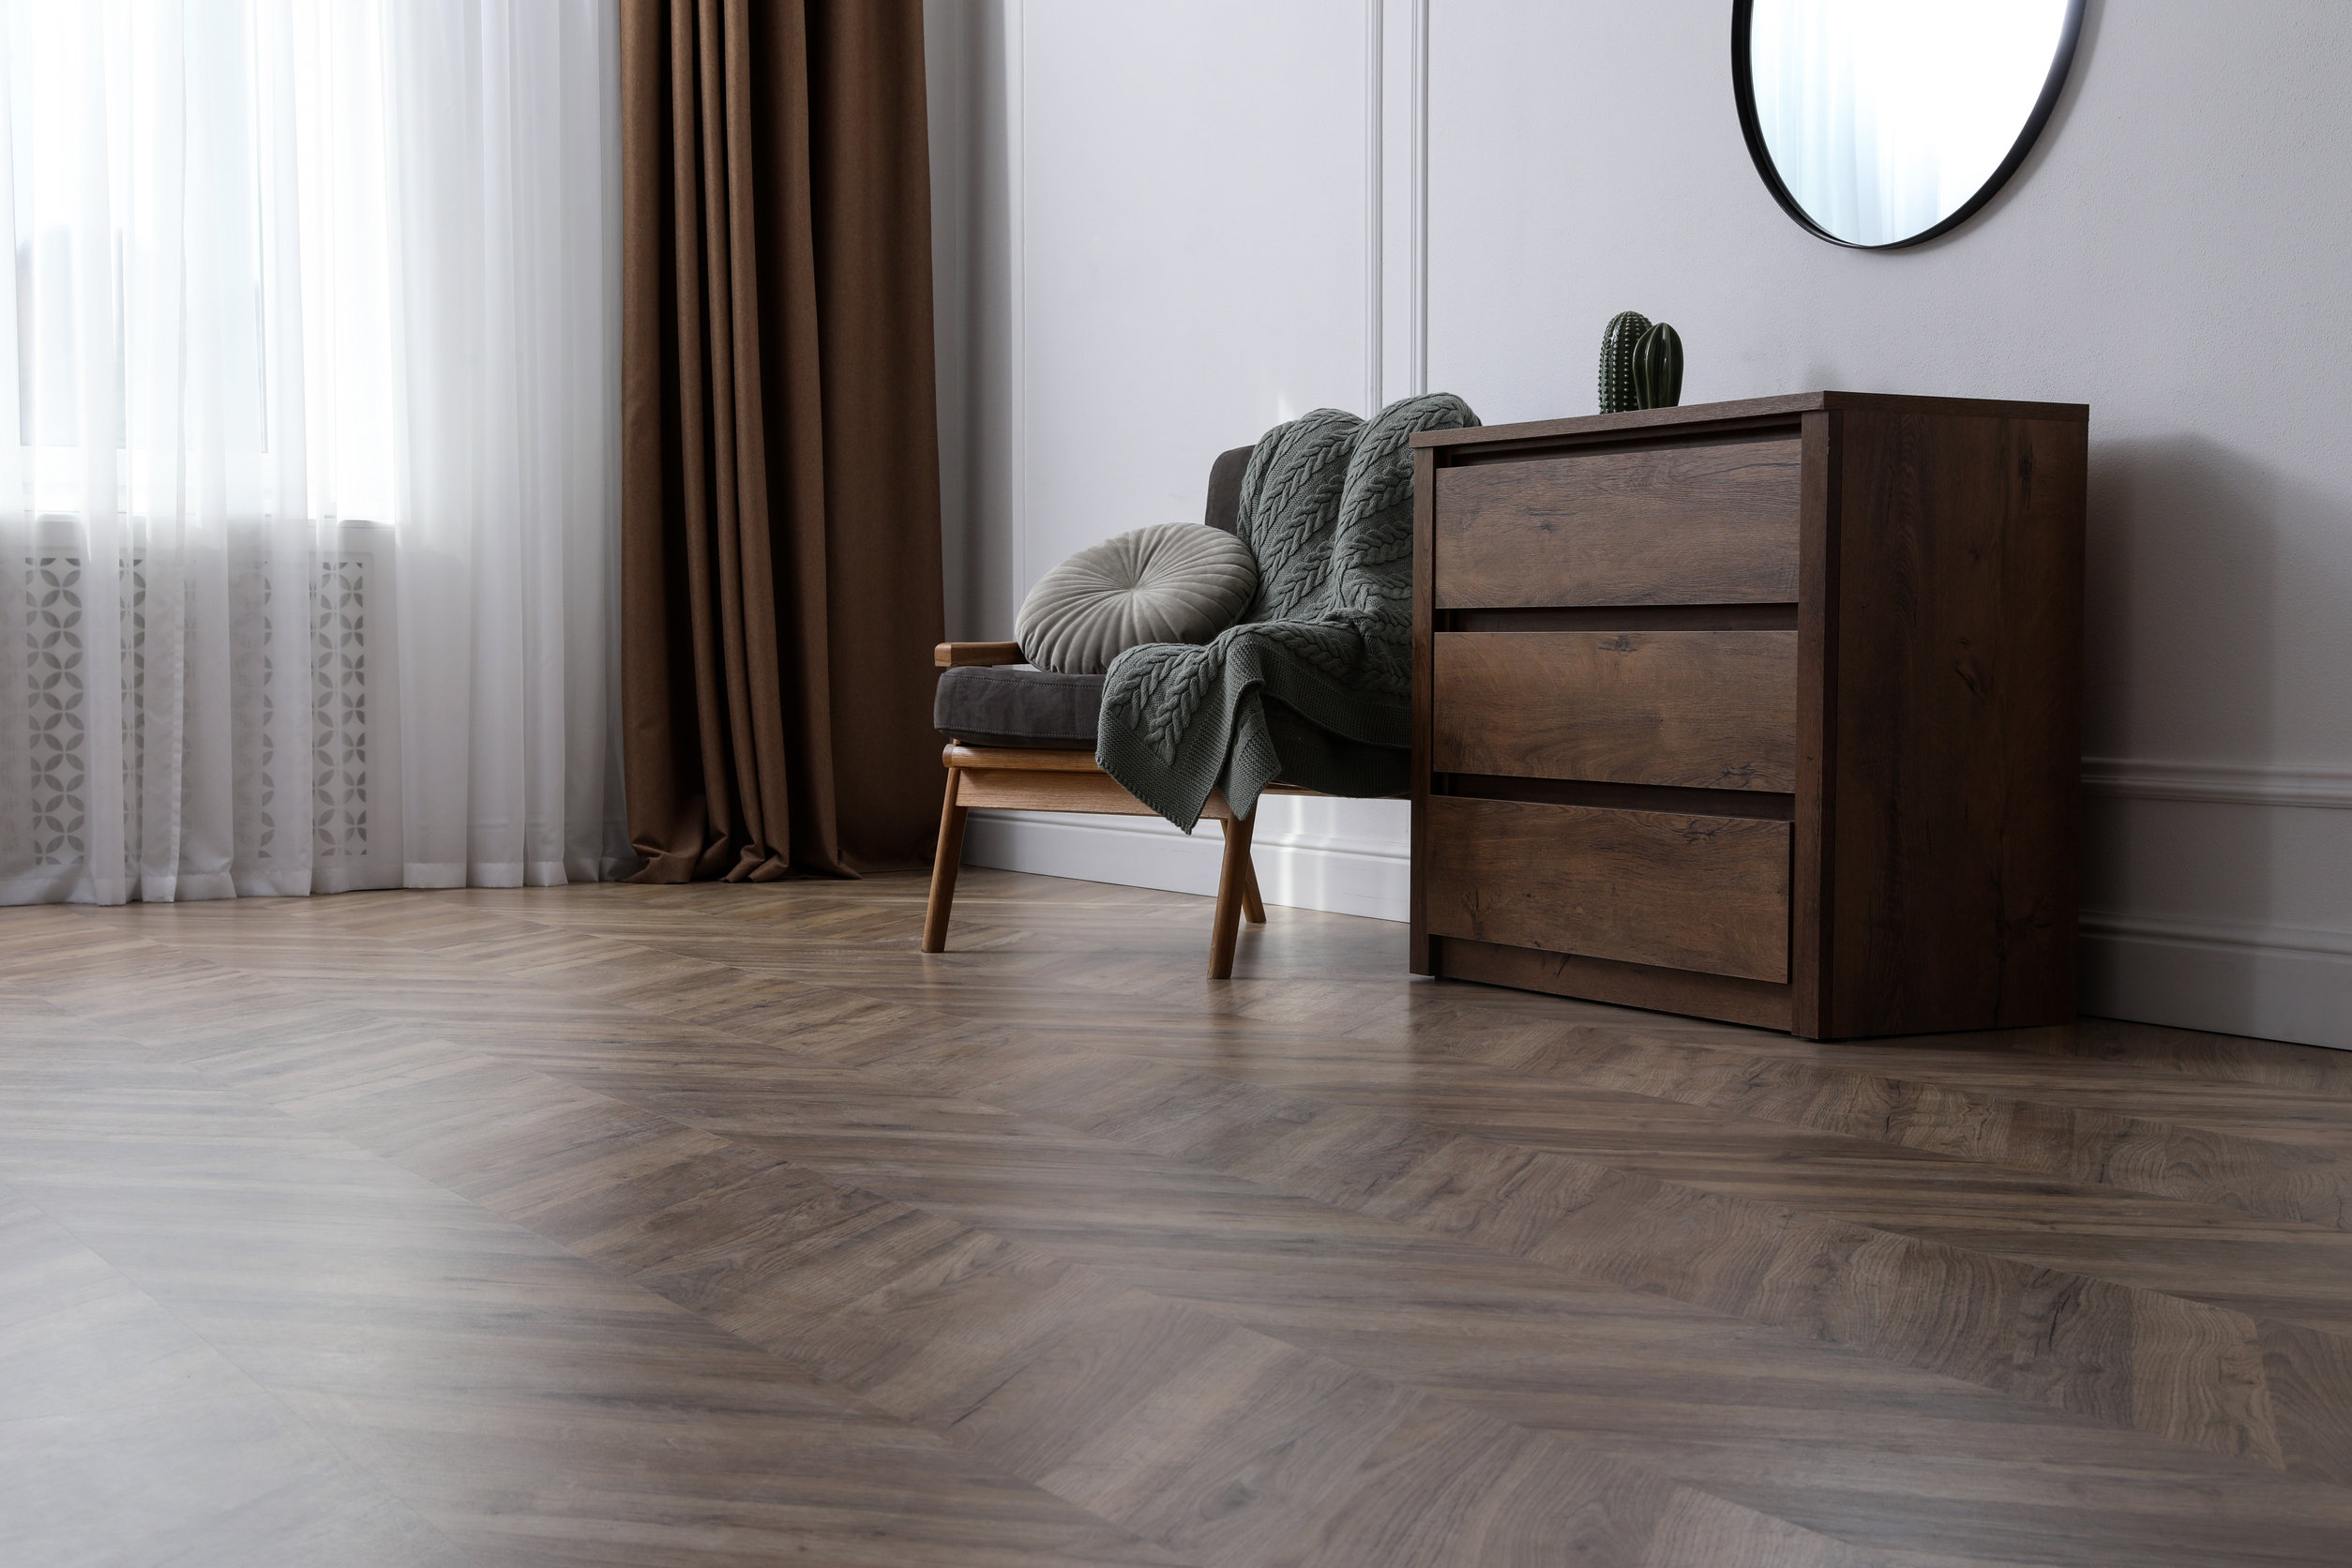 Muebles en sala decorados con vinilos